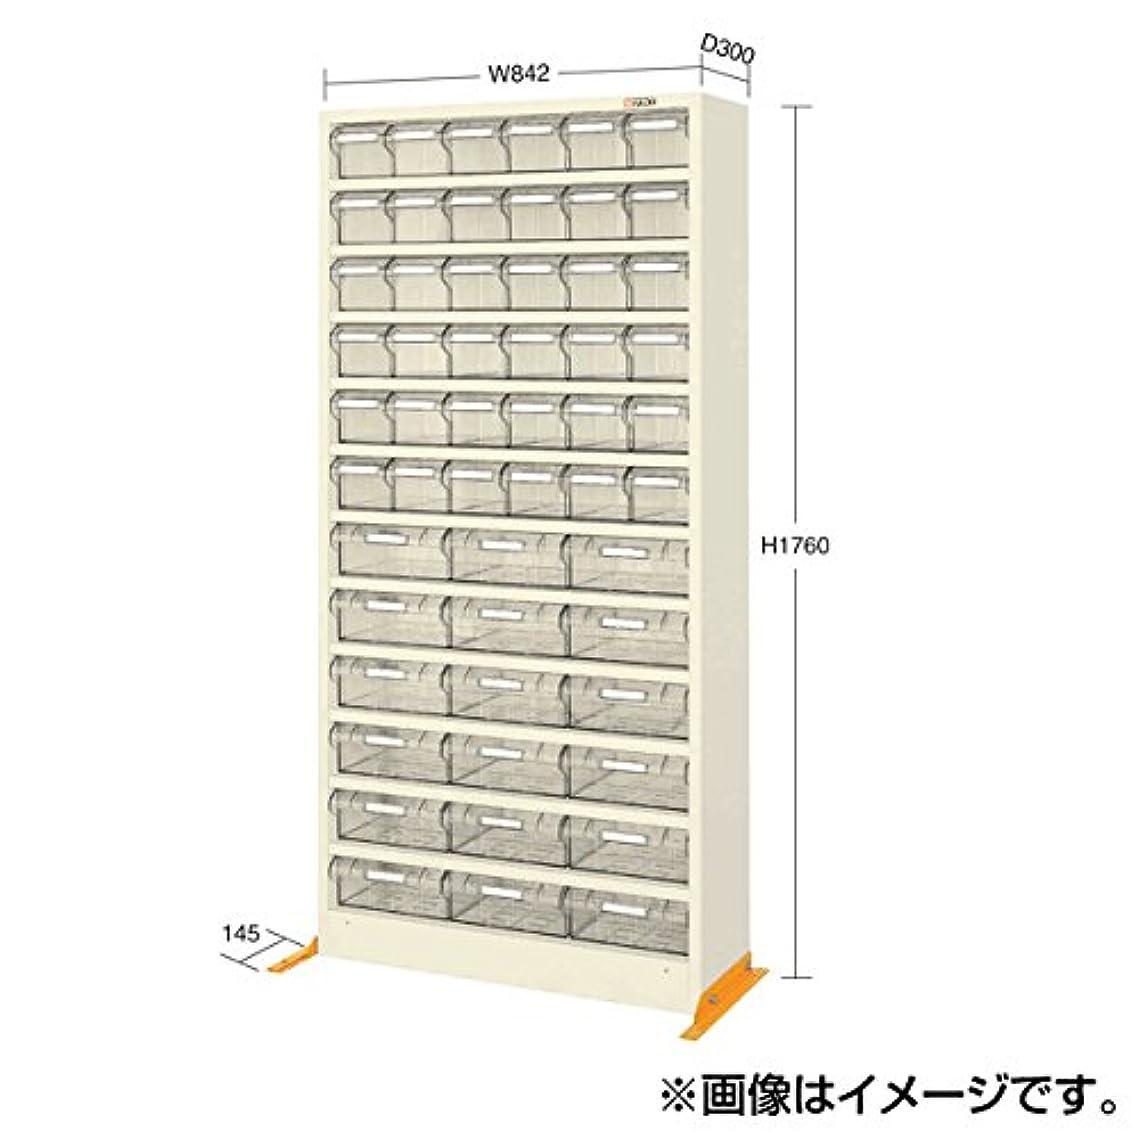 多年生アプトドールSAKAE ハニーケースII 樹脂ボックス 小36?大18 842×300×1760 グリーン HK-54